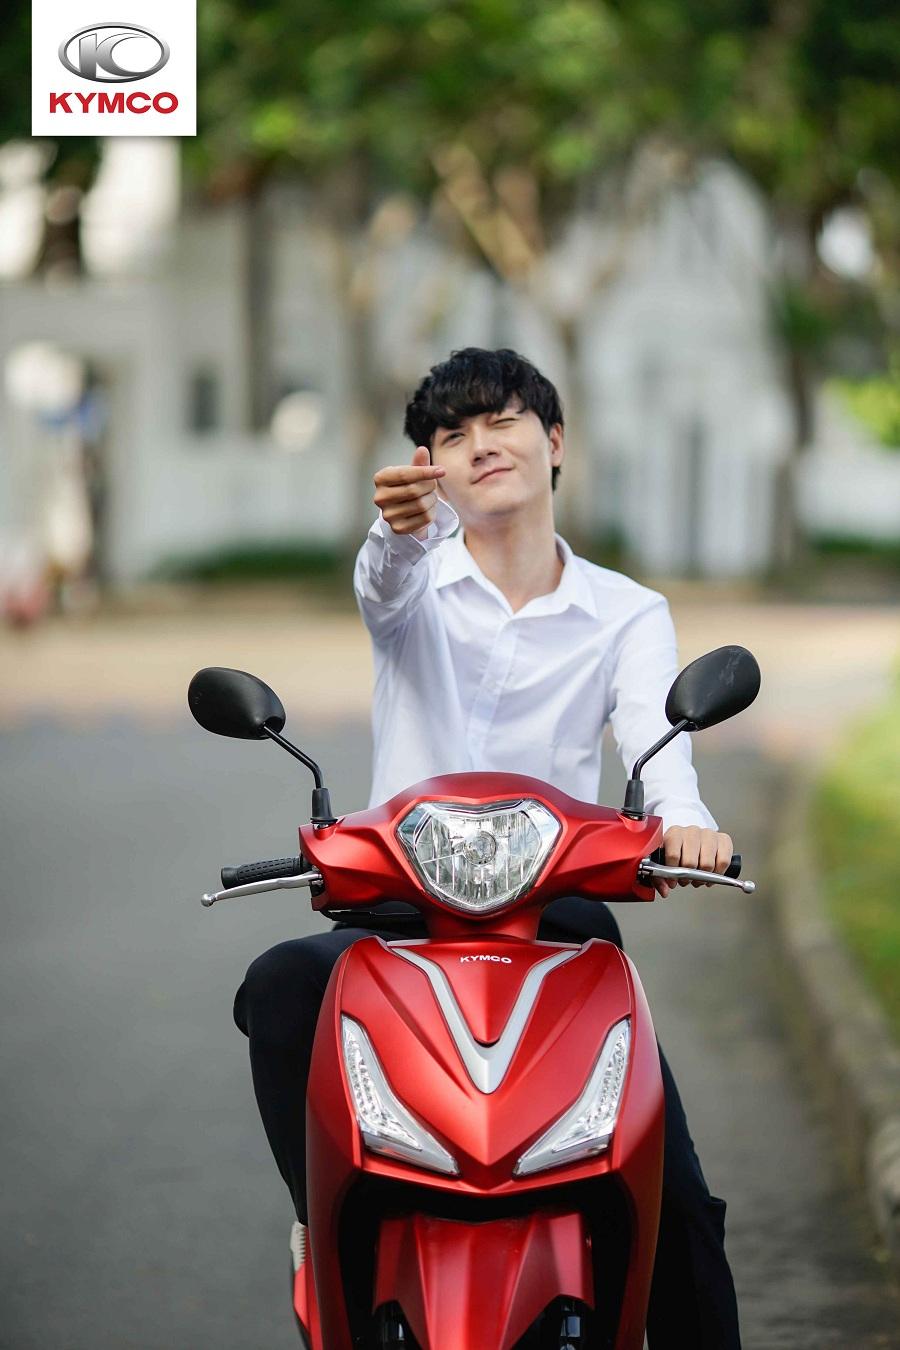 Xe ga 50cc được hầu hết các bậc cha mẹ có con em còn ở độ tuổi đến trường lựa chọn